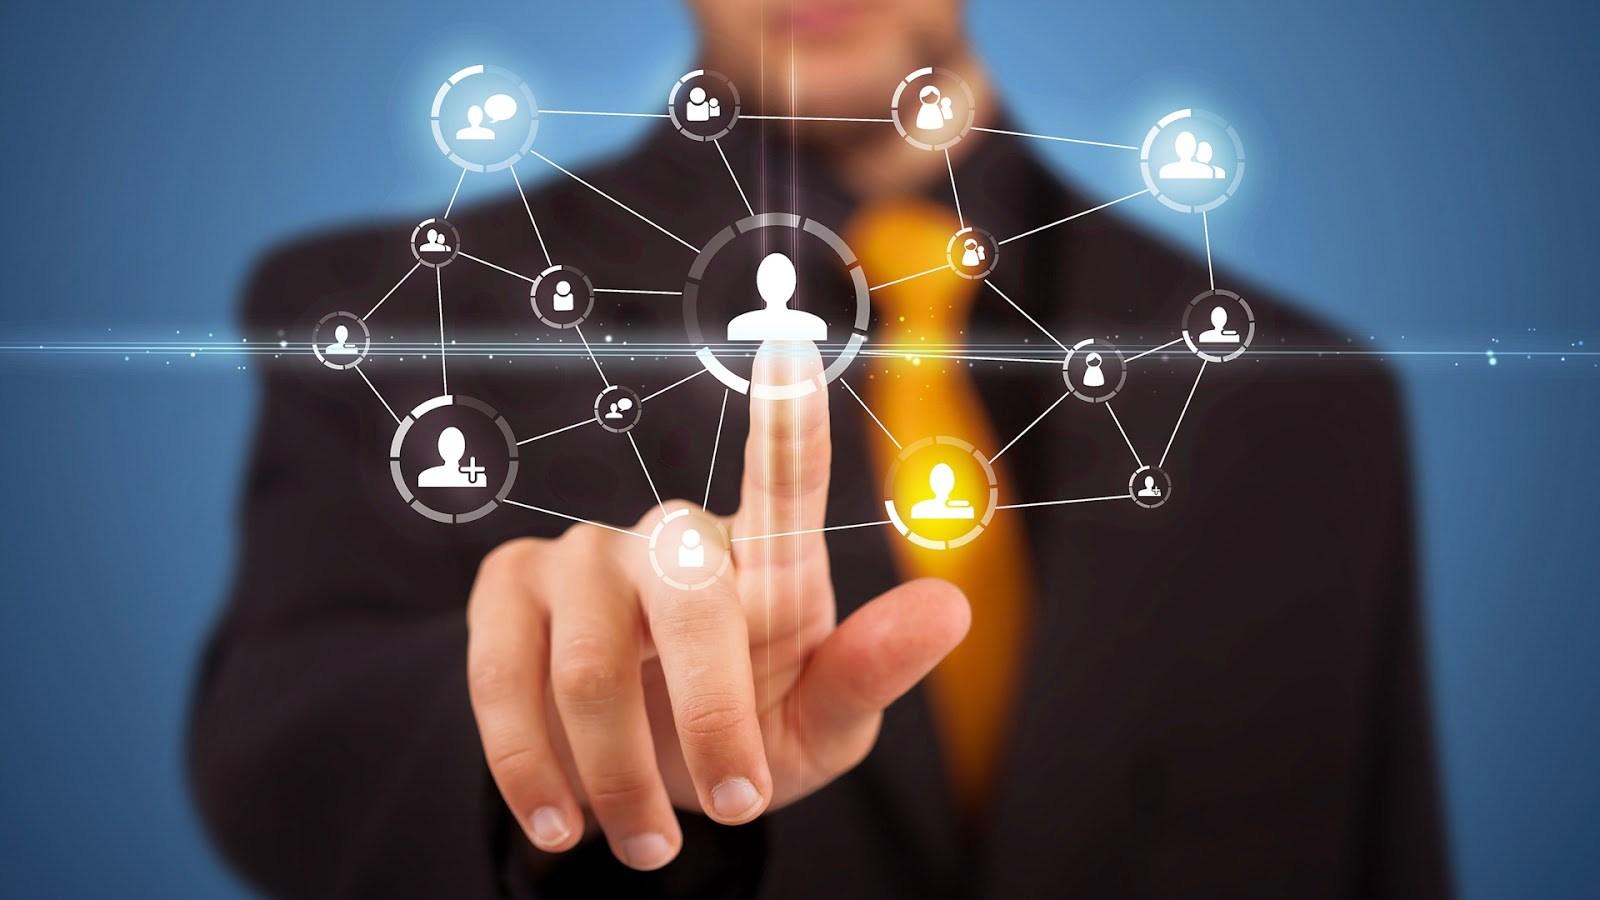 ¿Por qué es necesaria la Inteligencia Emocional (IE) en el mundo empresarial y social actual?